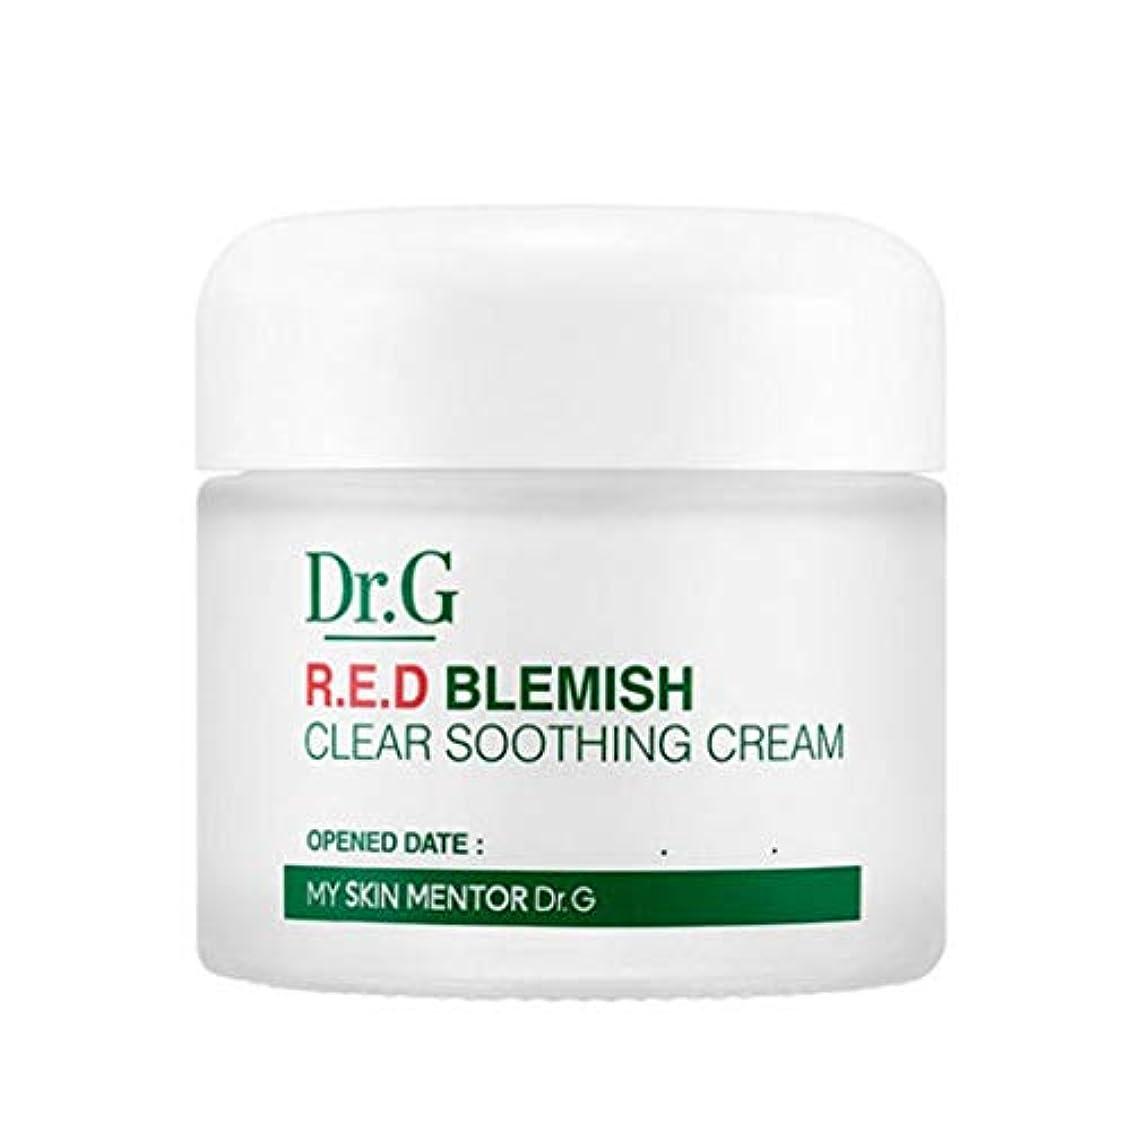 細いあいまい引き付けるドクターGレッドブレミッシュクリアスージングクリーム70ml水分クリーム、Dr.G Red Blemish Clear Soothing Cream 70ml Moisturizing Cream [並行輸入品]